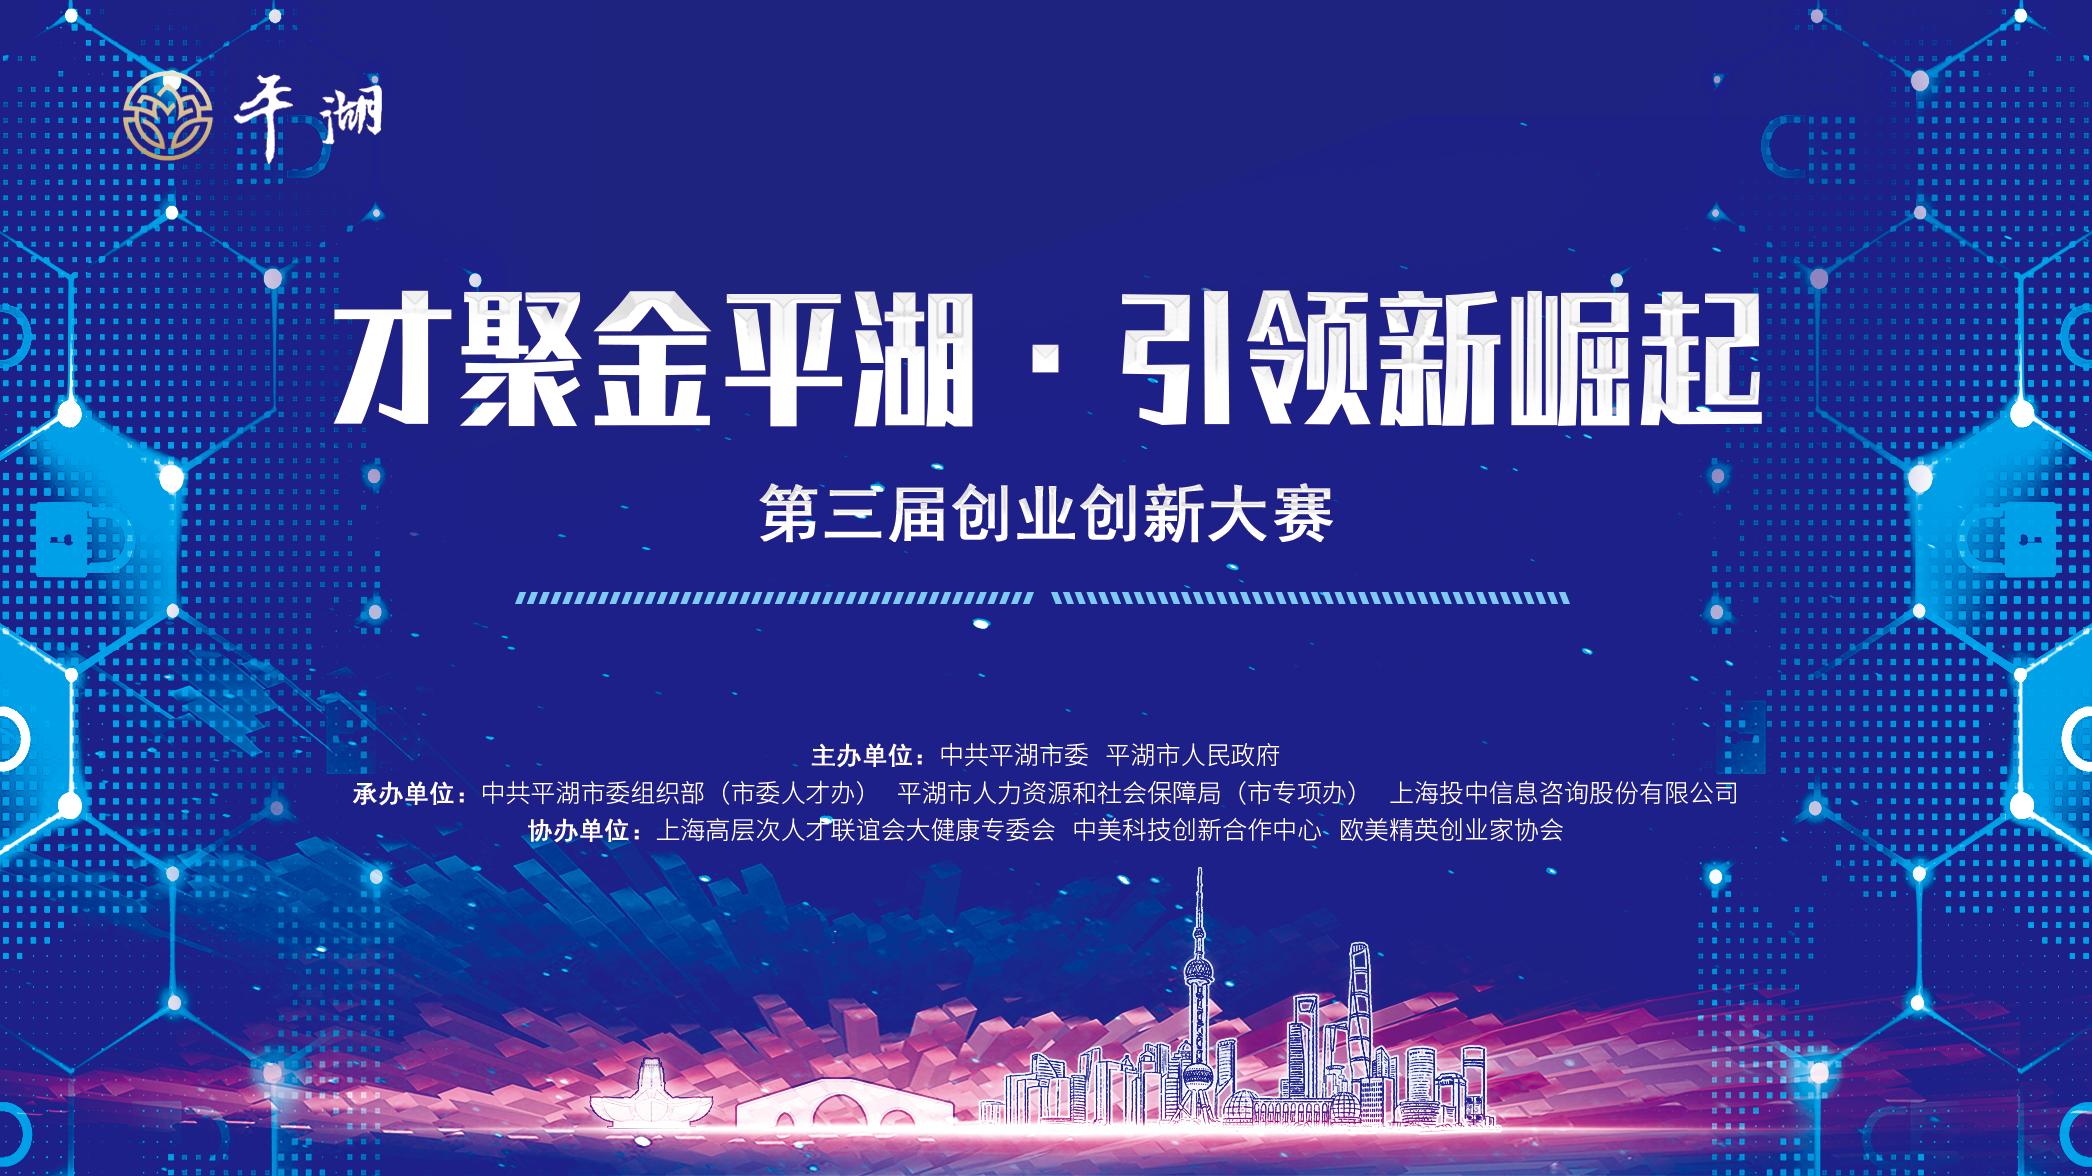 平湖市第三届创业创新大赛